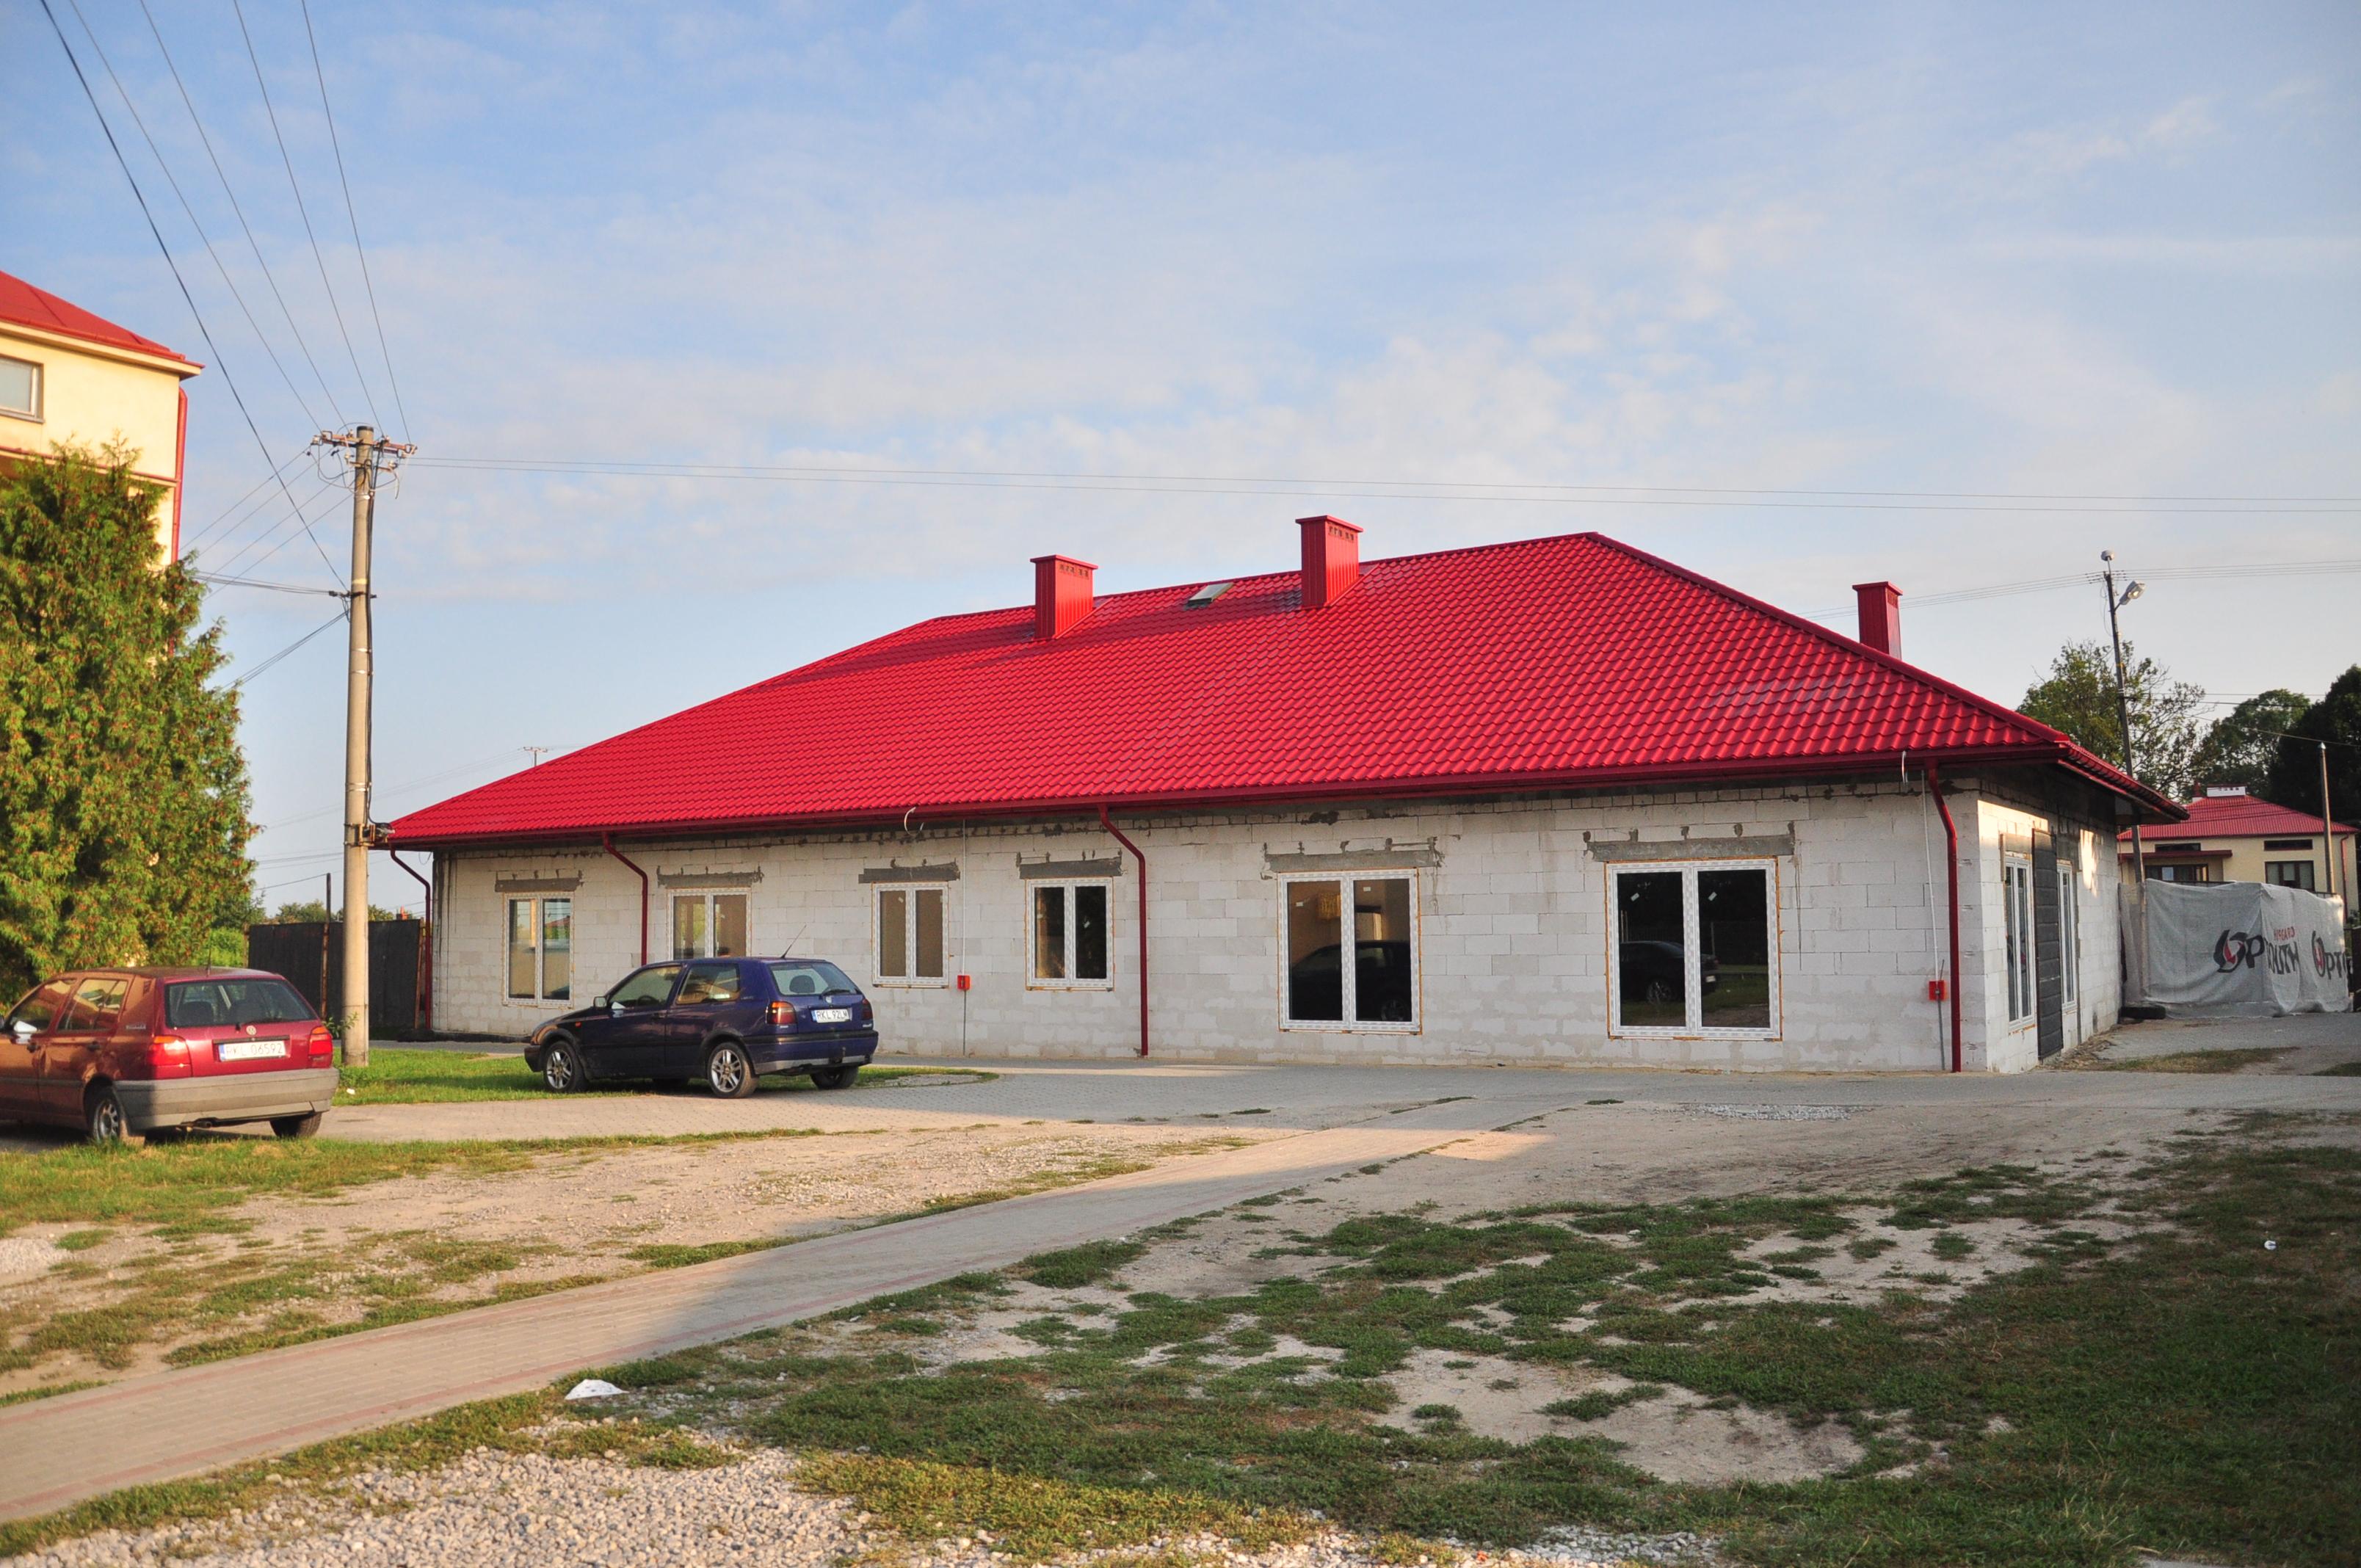 Gmina Dzikowiec. Trwa budowa klubu dziecięcego w Lipnicy. Gmina już poszukuje pracowników, którzy mogliby pracować z dziećmi. Ale nie wszyscy mieszkańcy słyszeli o naborze - Zdjęcie główne